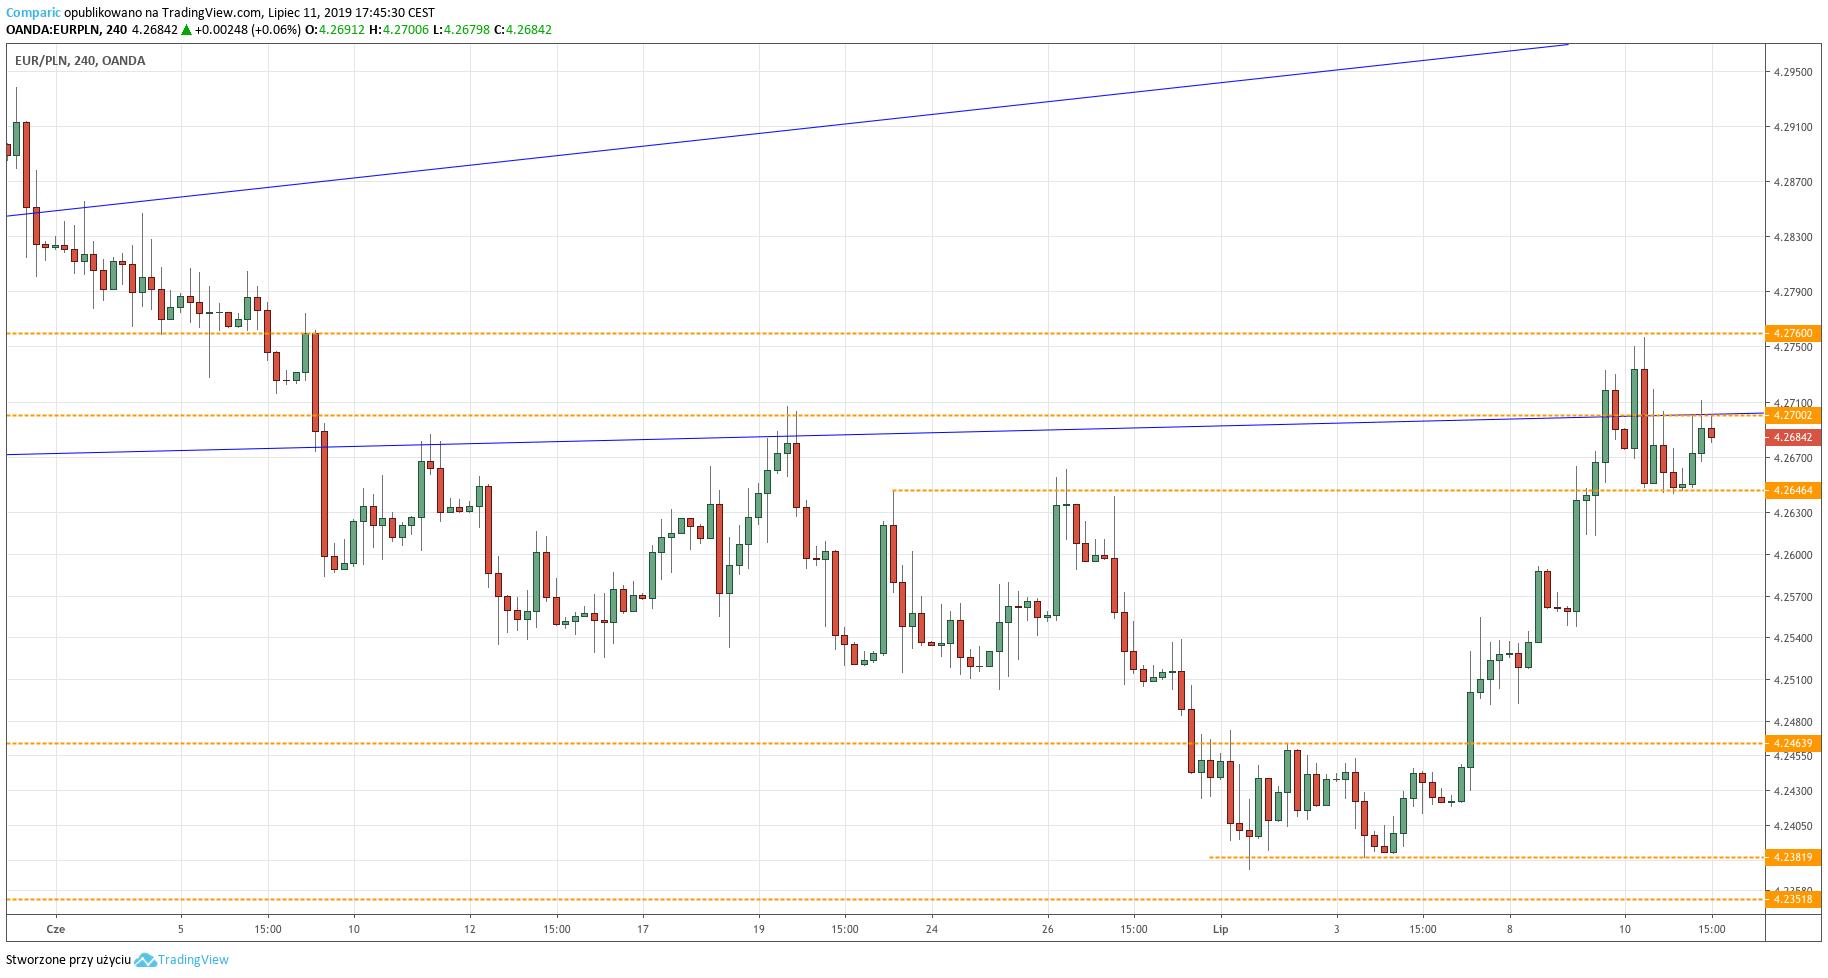 Kurs euro do złotego (EUR/PLN) - wykres 4-godzinny - 11 lipca 2019